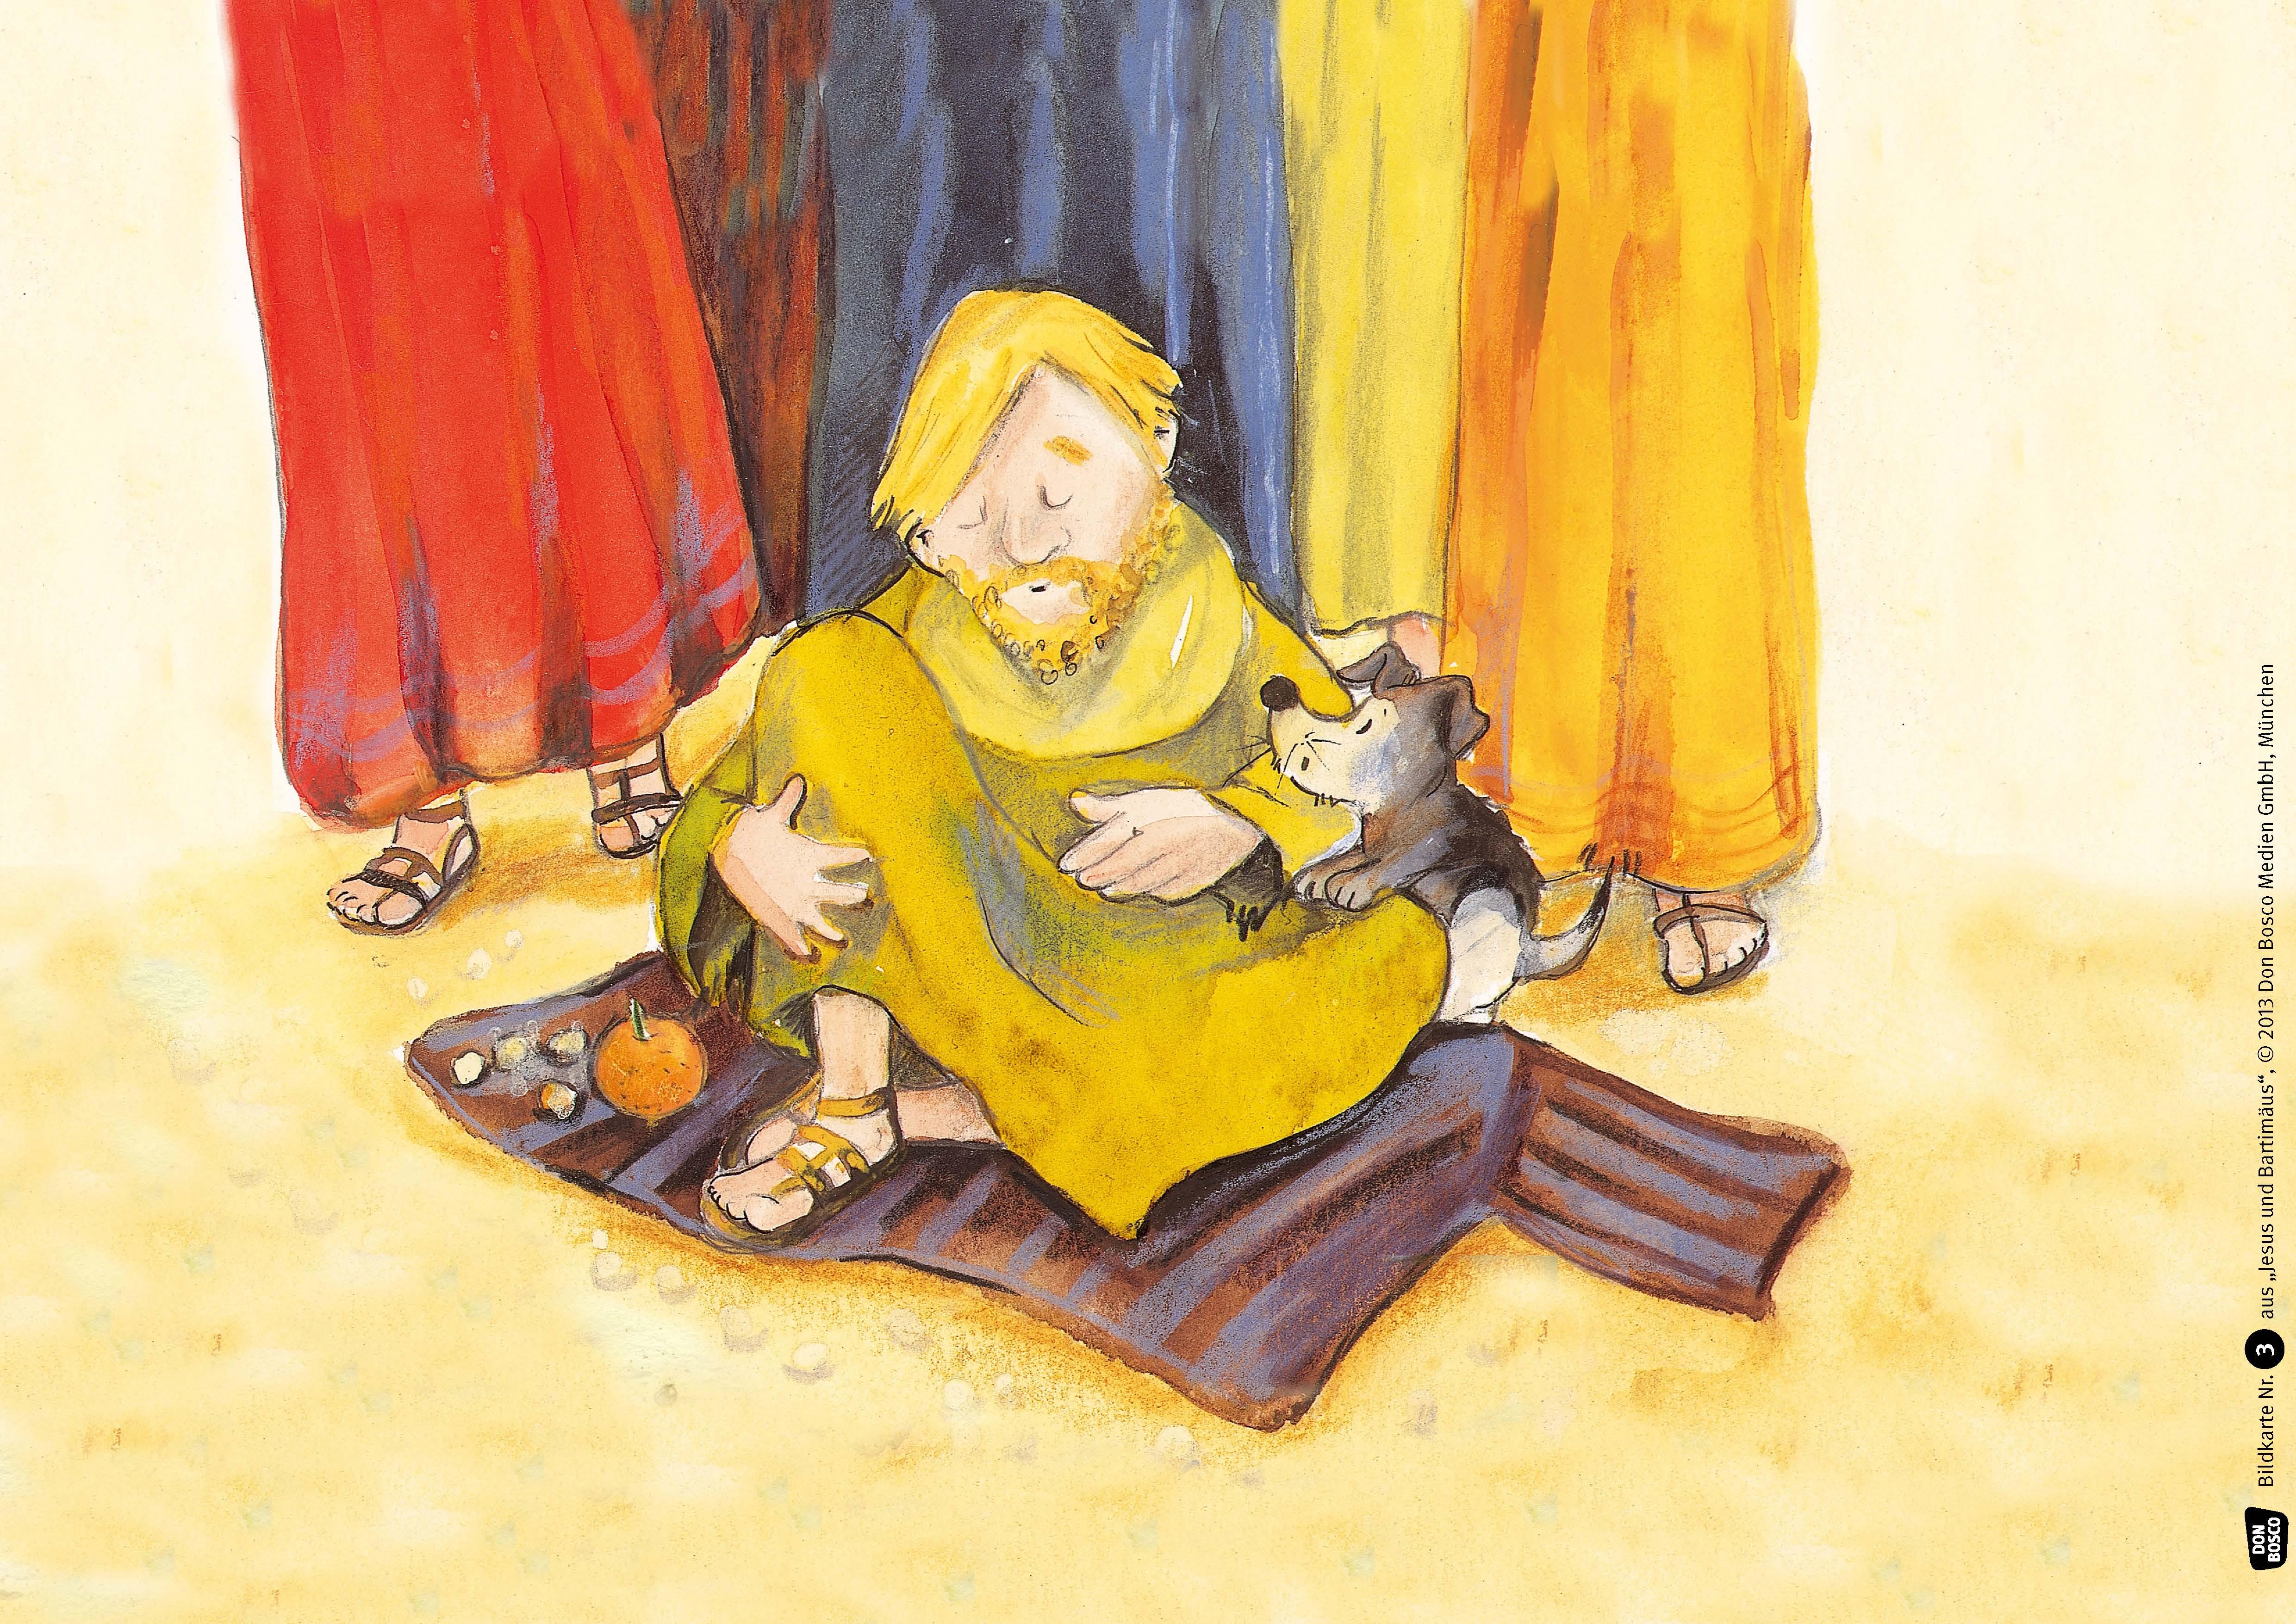 Innenansicht zu Jesus und Bartimäus. Kamishibai Bildkartenset.